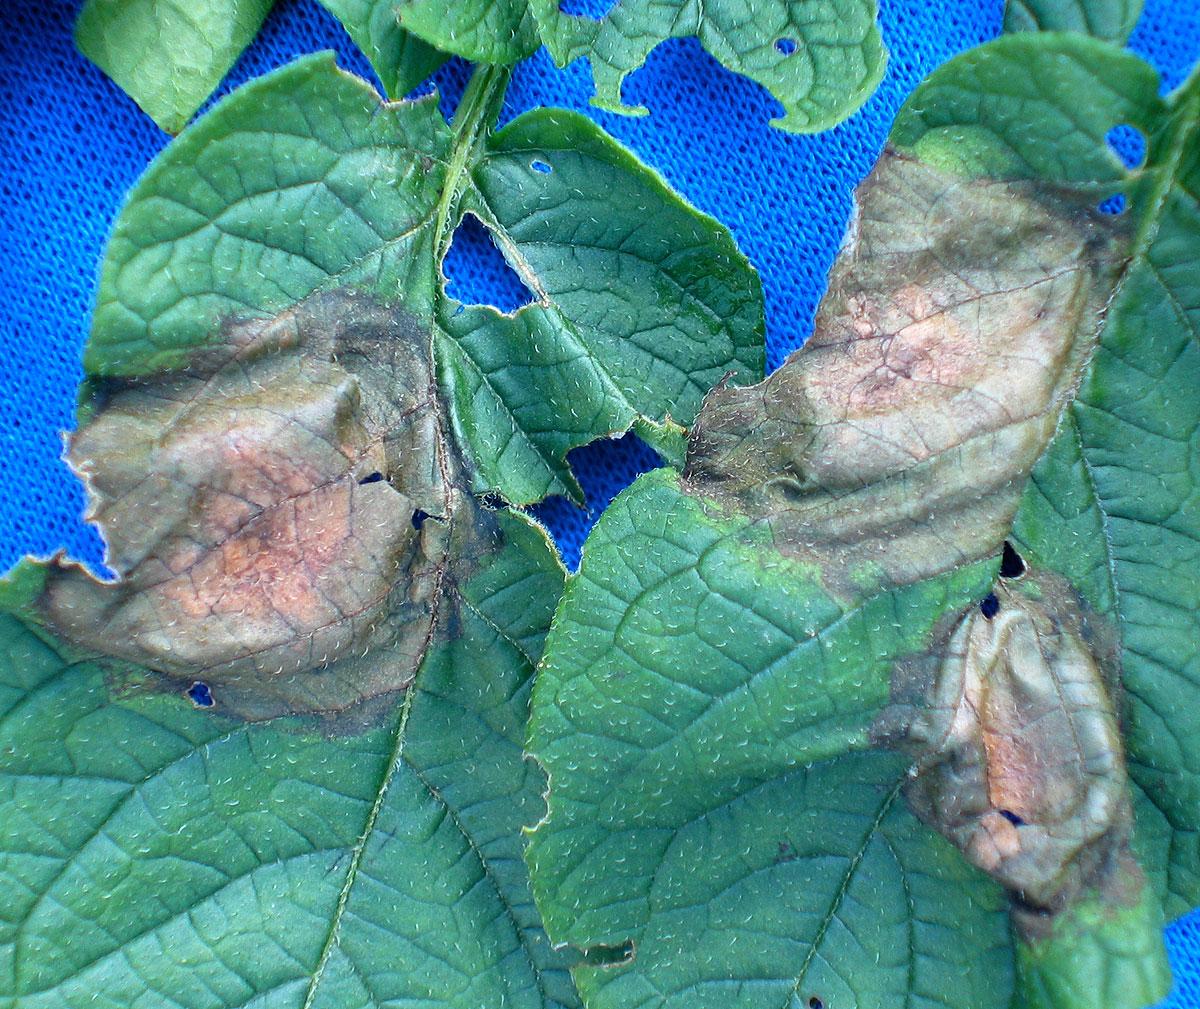 seedling blight symptom on root